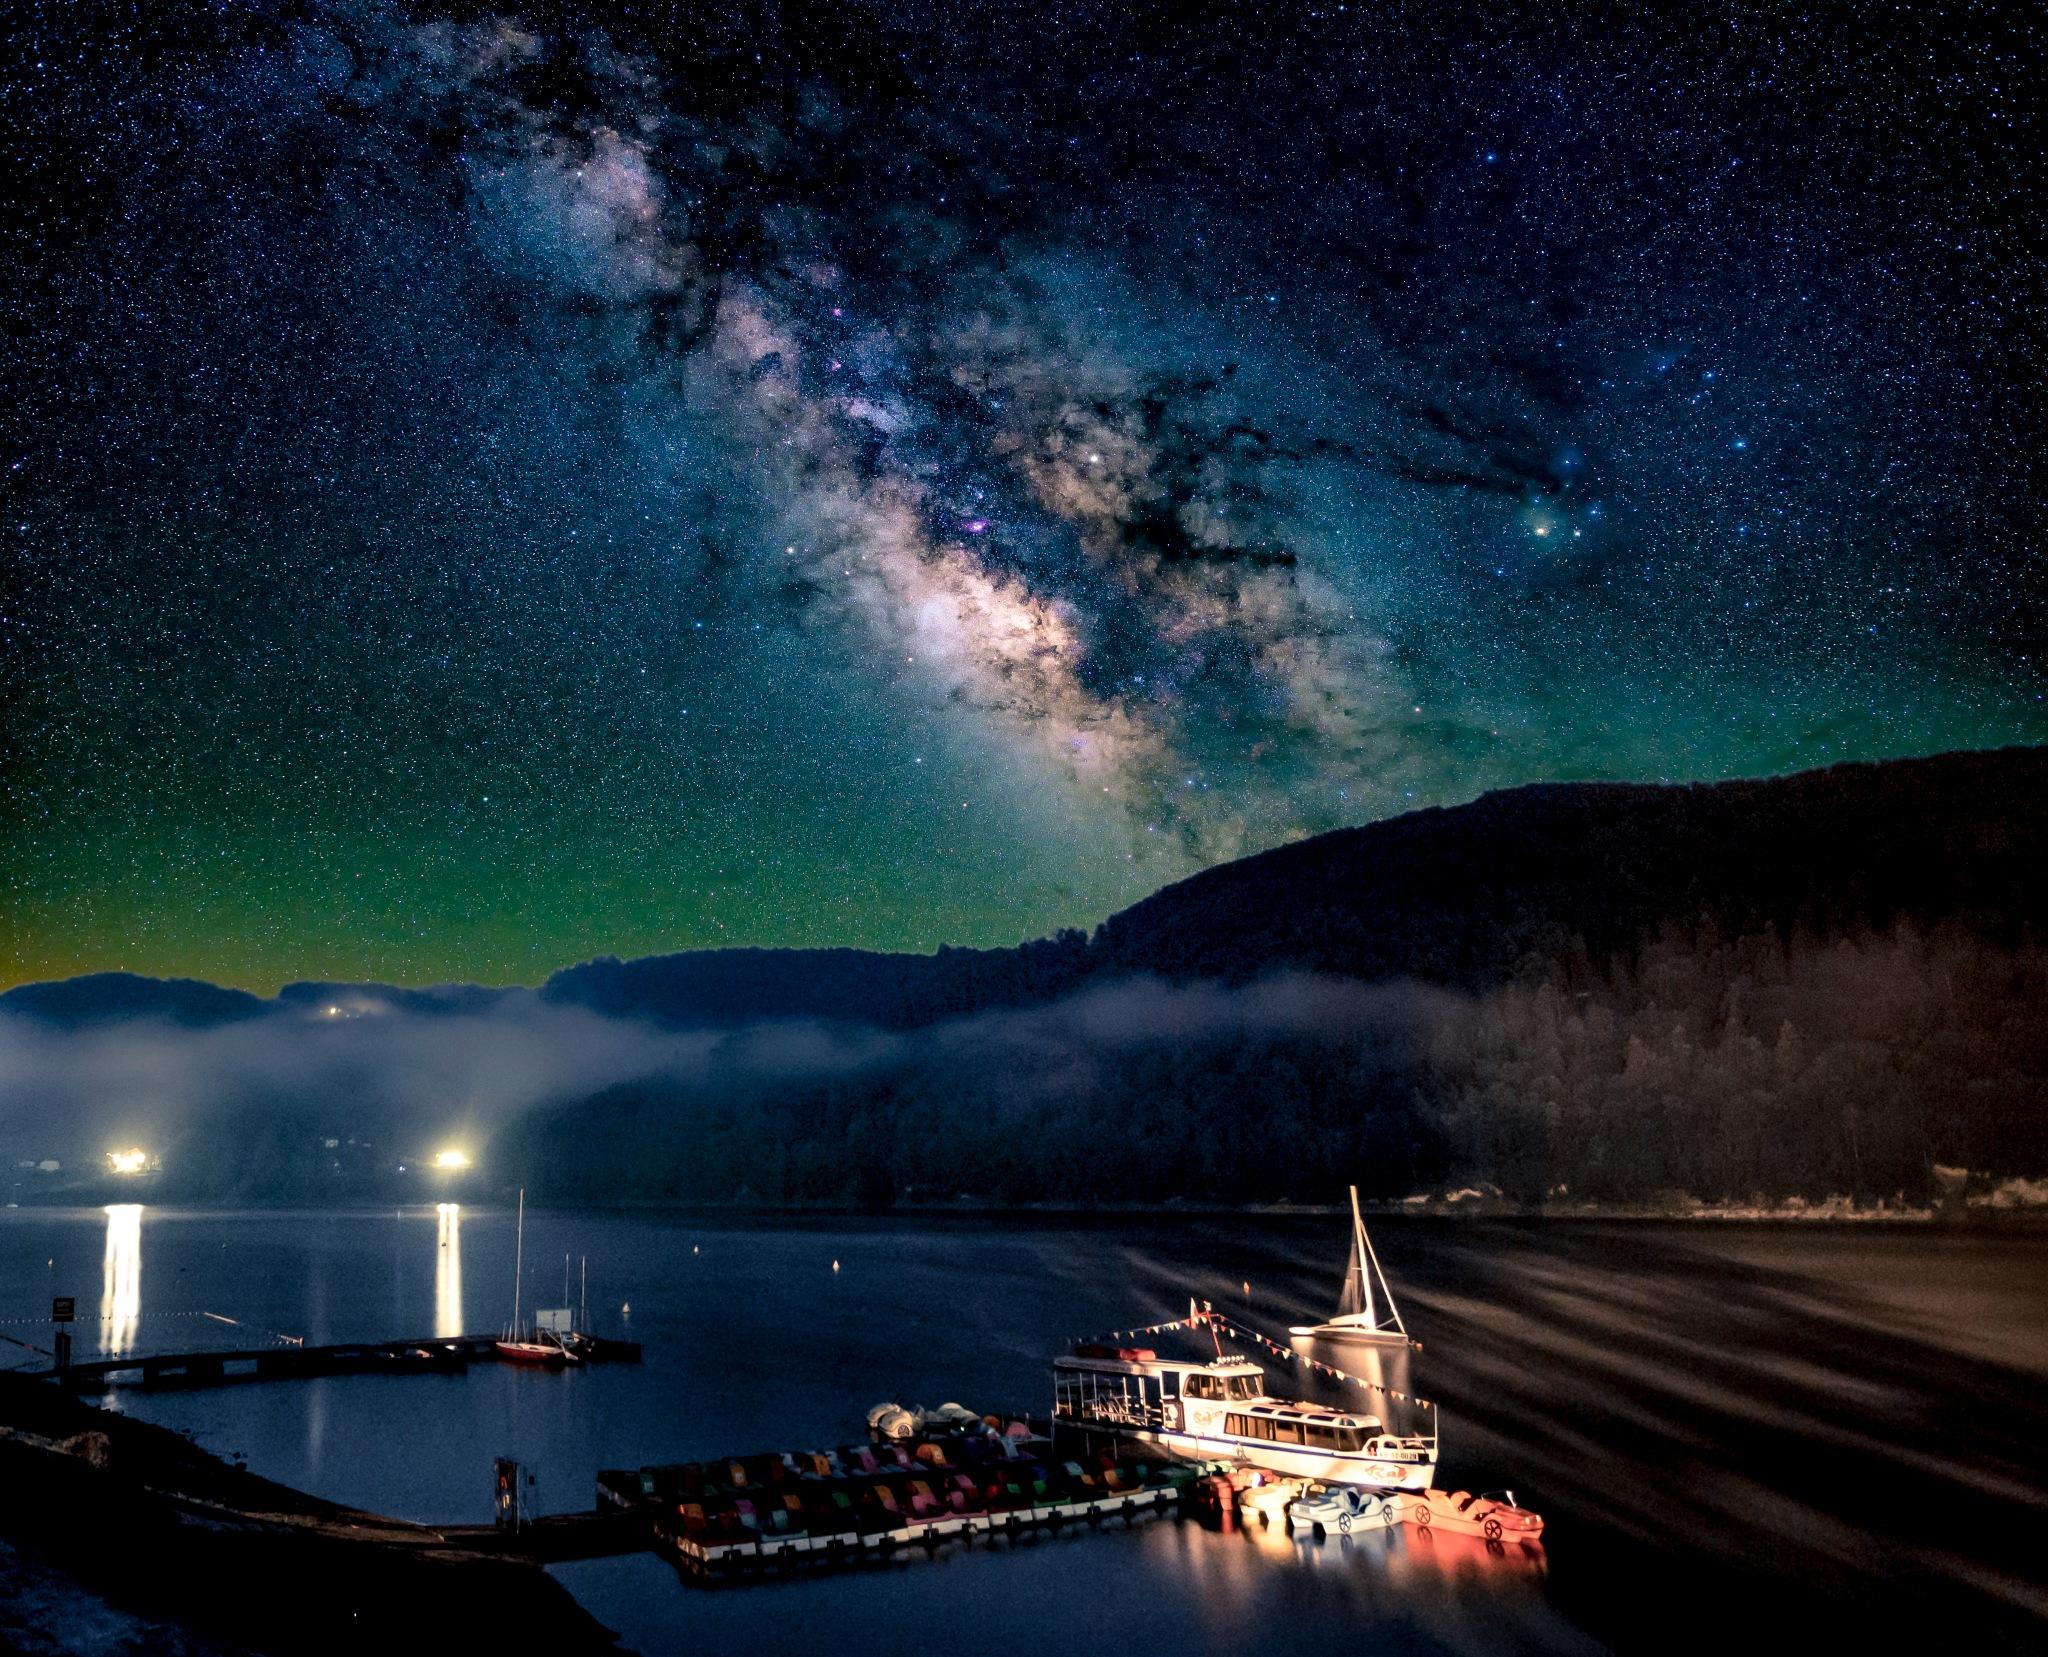 Starry night by Kuba Szymik